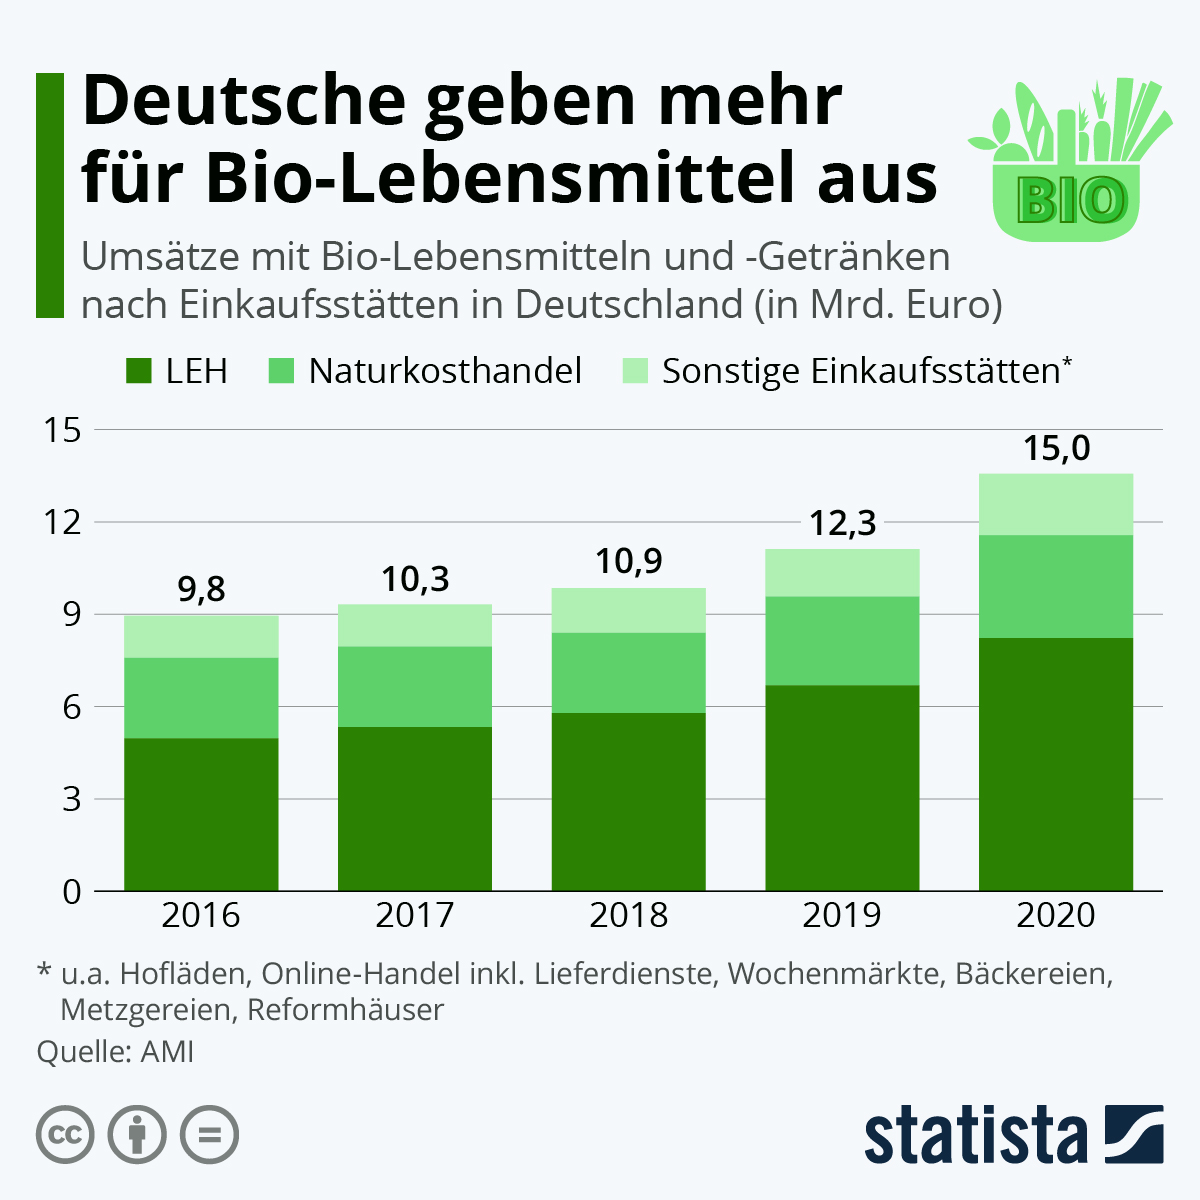 Infografik: Deutsche geben mehr für Bio-Lebensmittel aus | Statista